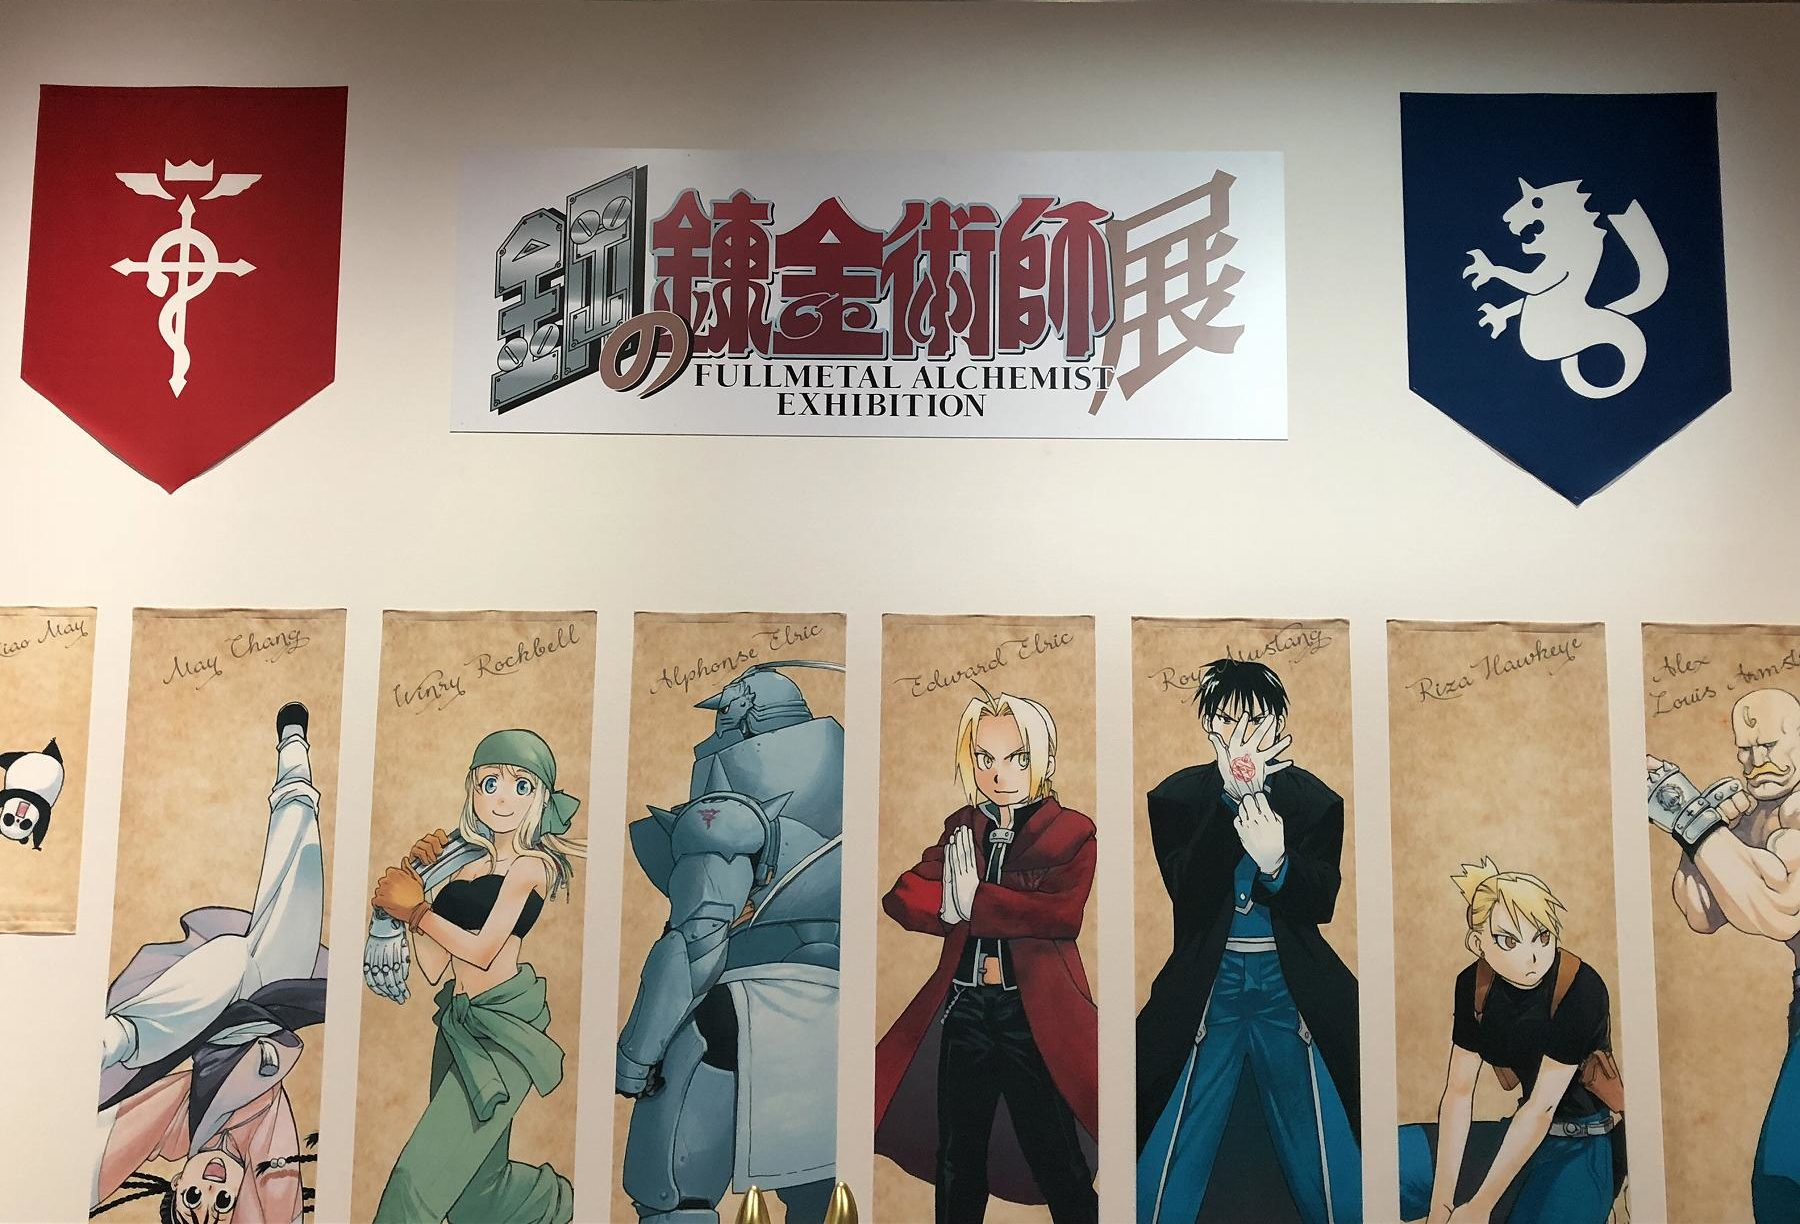 「鋼の錬金術師展」が神戸ゆかりの美術館で4/21(土)~7/8(日)まで開催中!見に行ってきた! #鋼の錬金術師 #ハガレン #神戸ゆかりの美術館